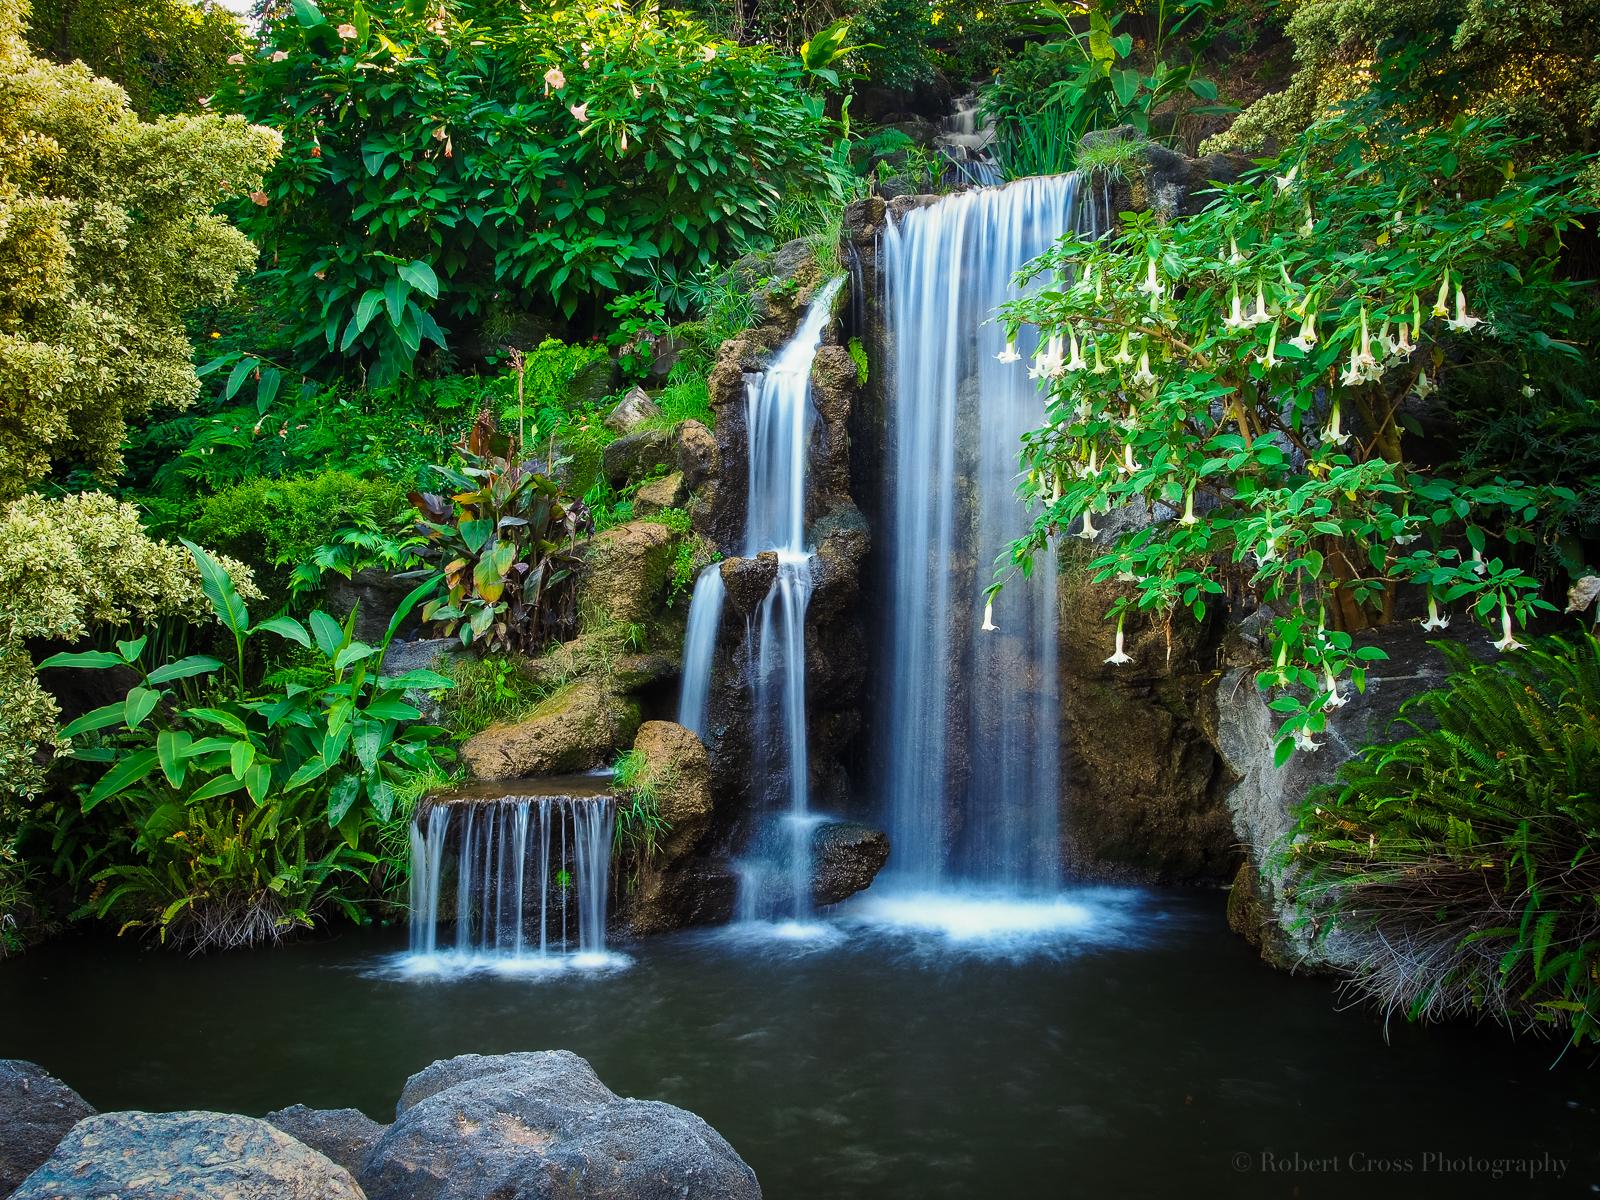 Download 6000 Wallpaper Alam Tropis HD Paling Baru